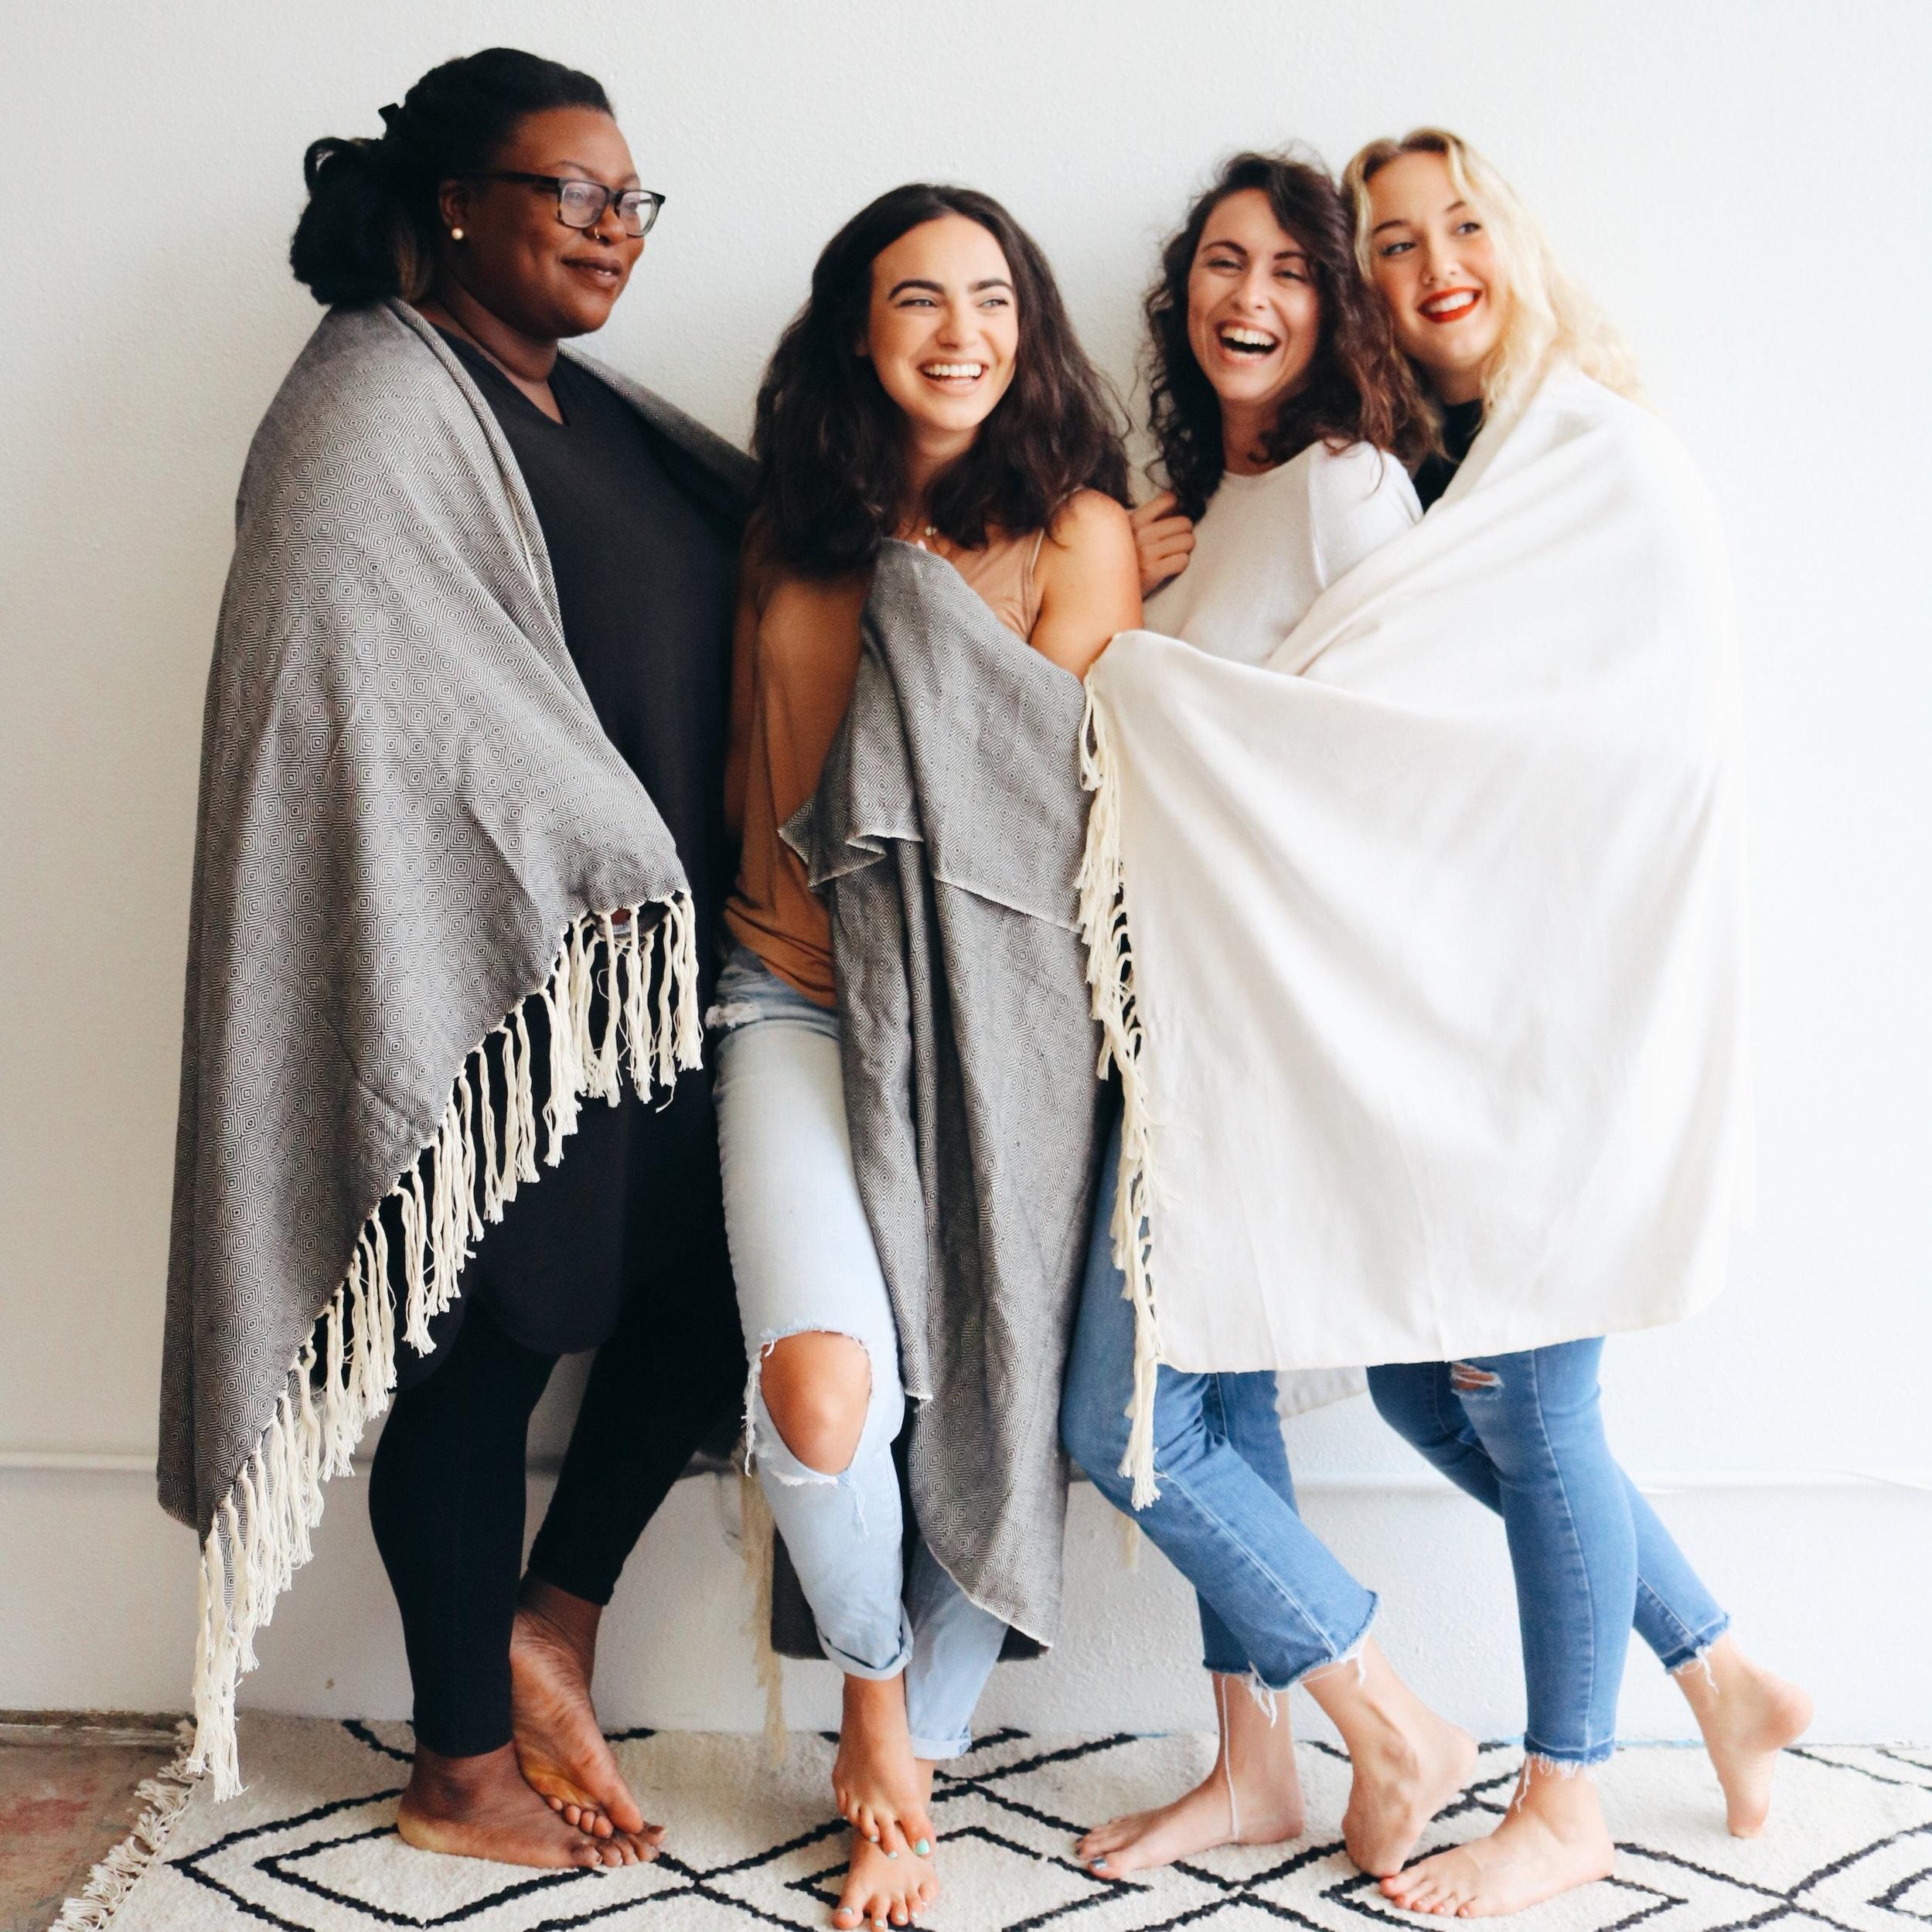 blankets+on+women.jpg